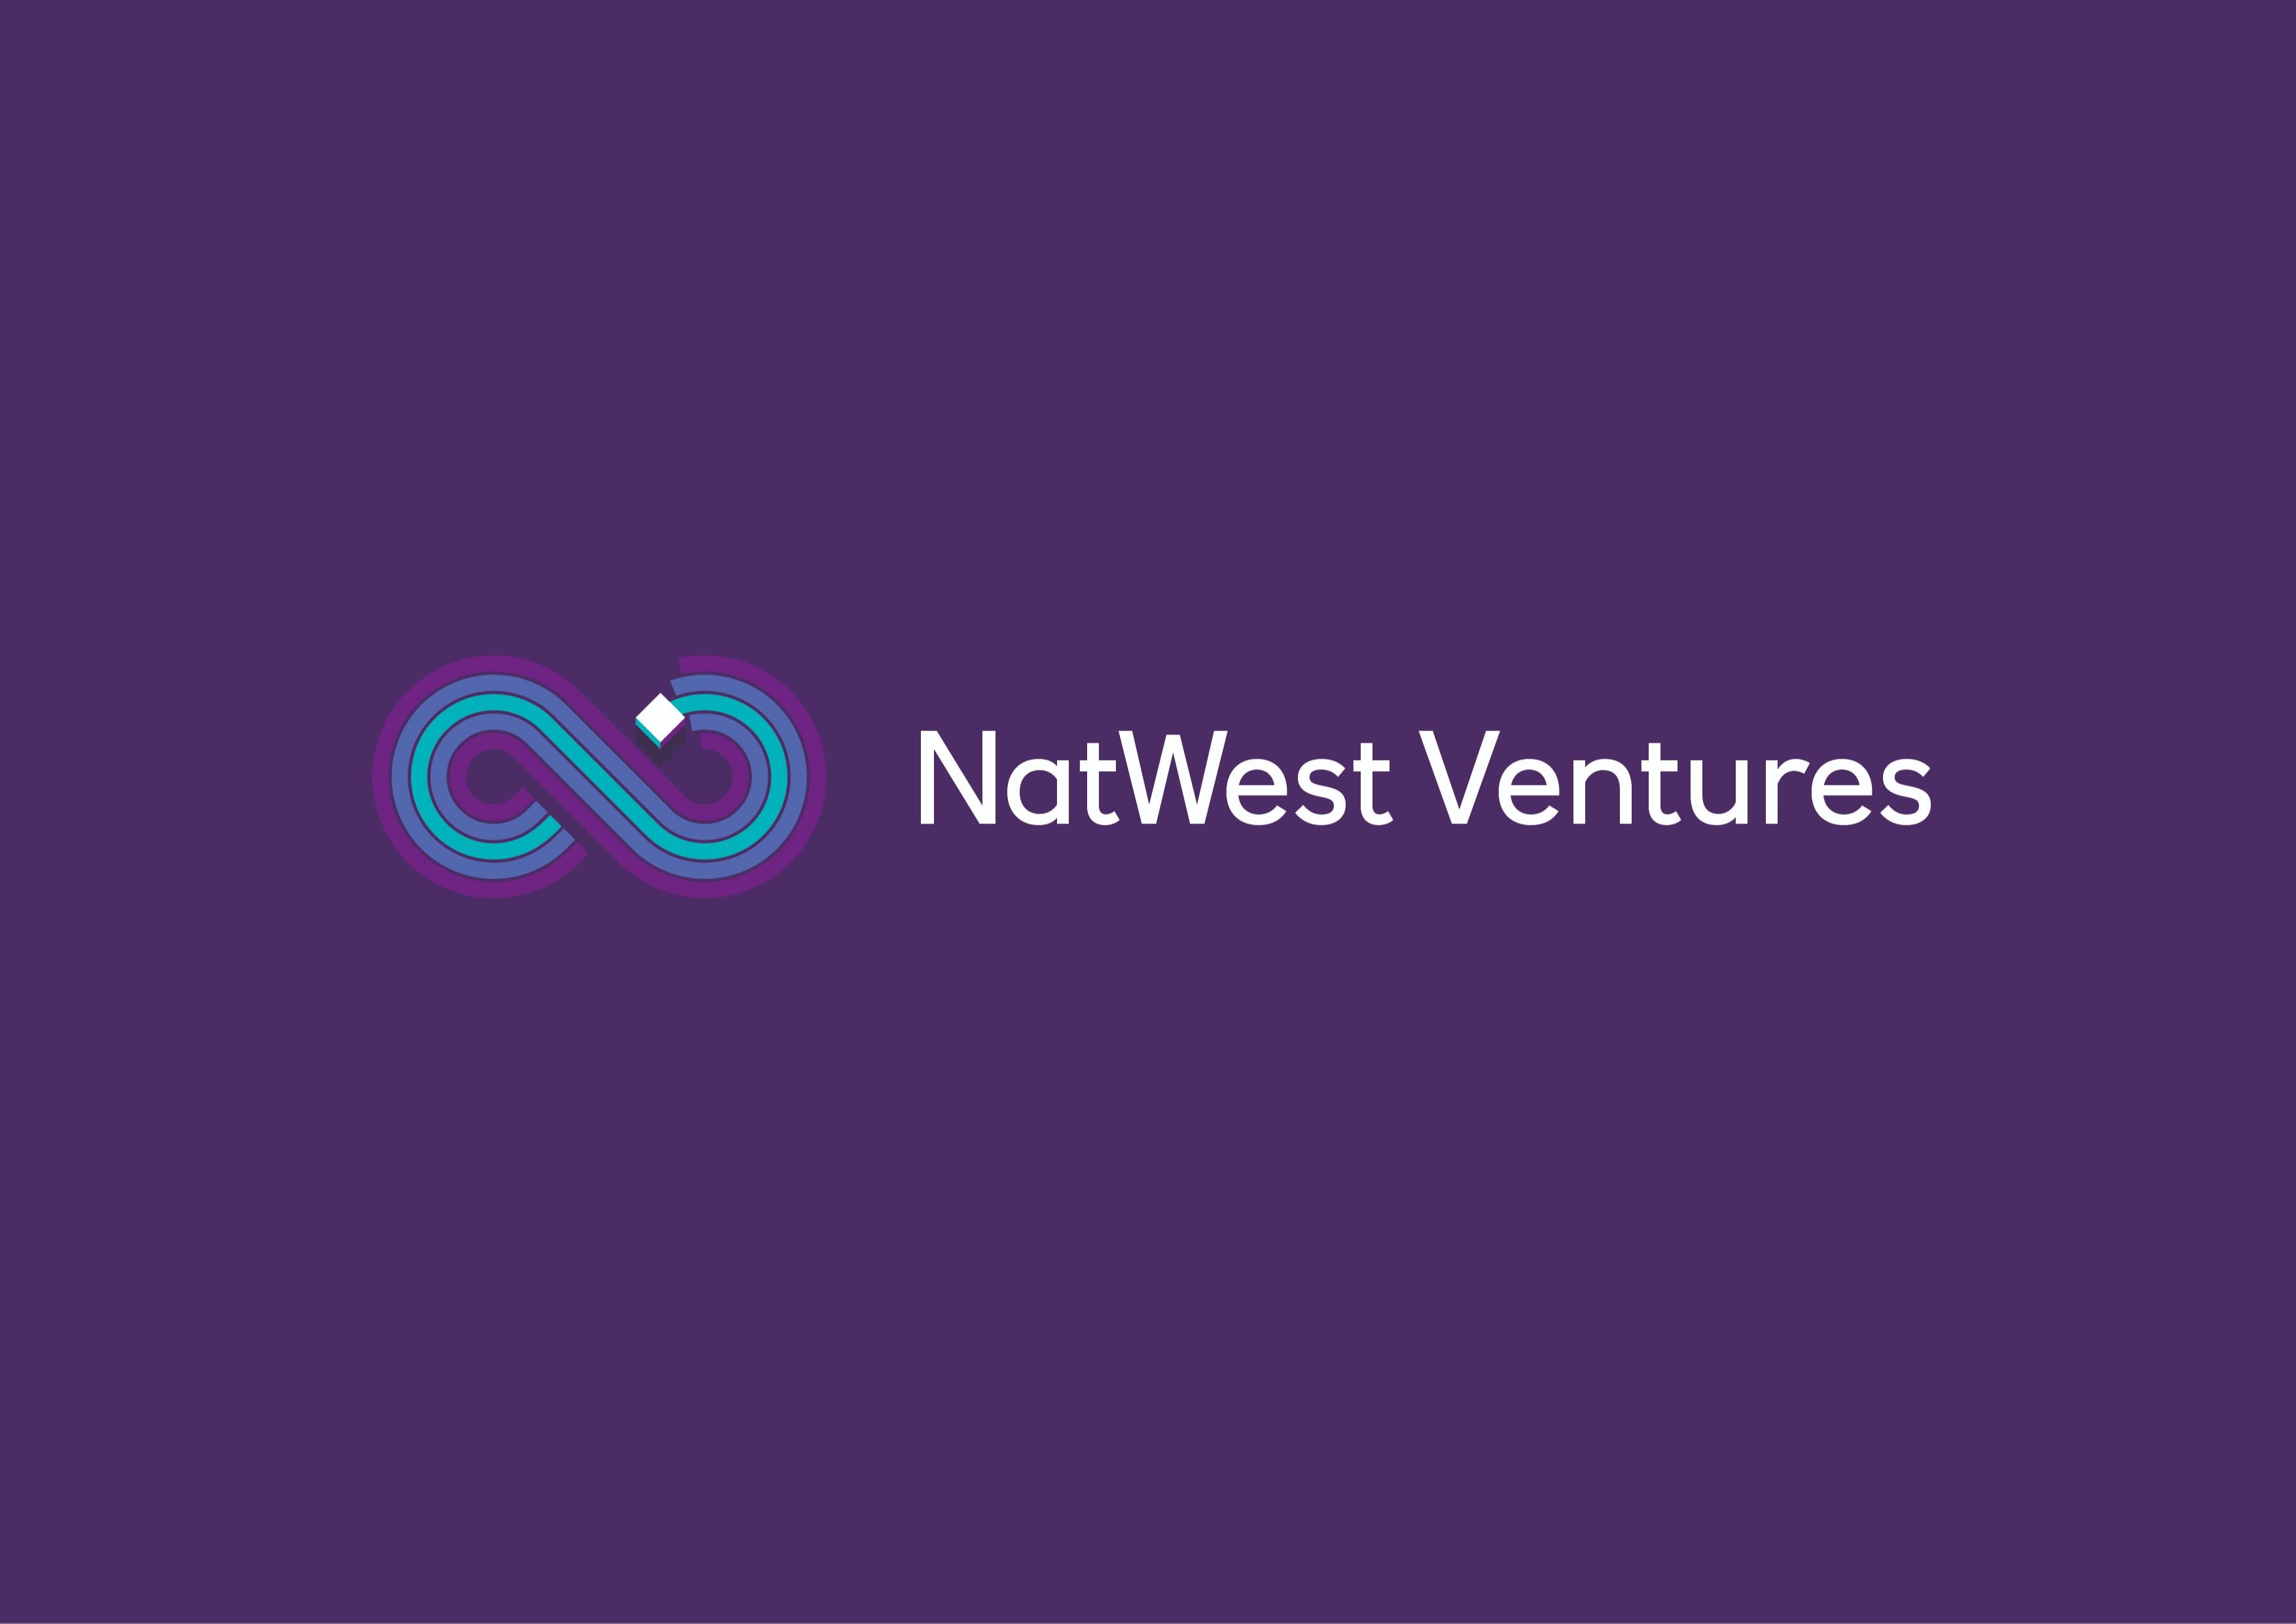 NatWest Ventures logo